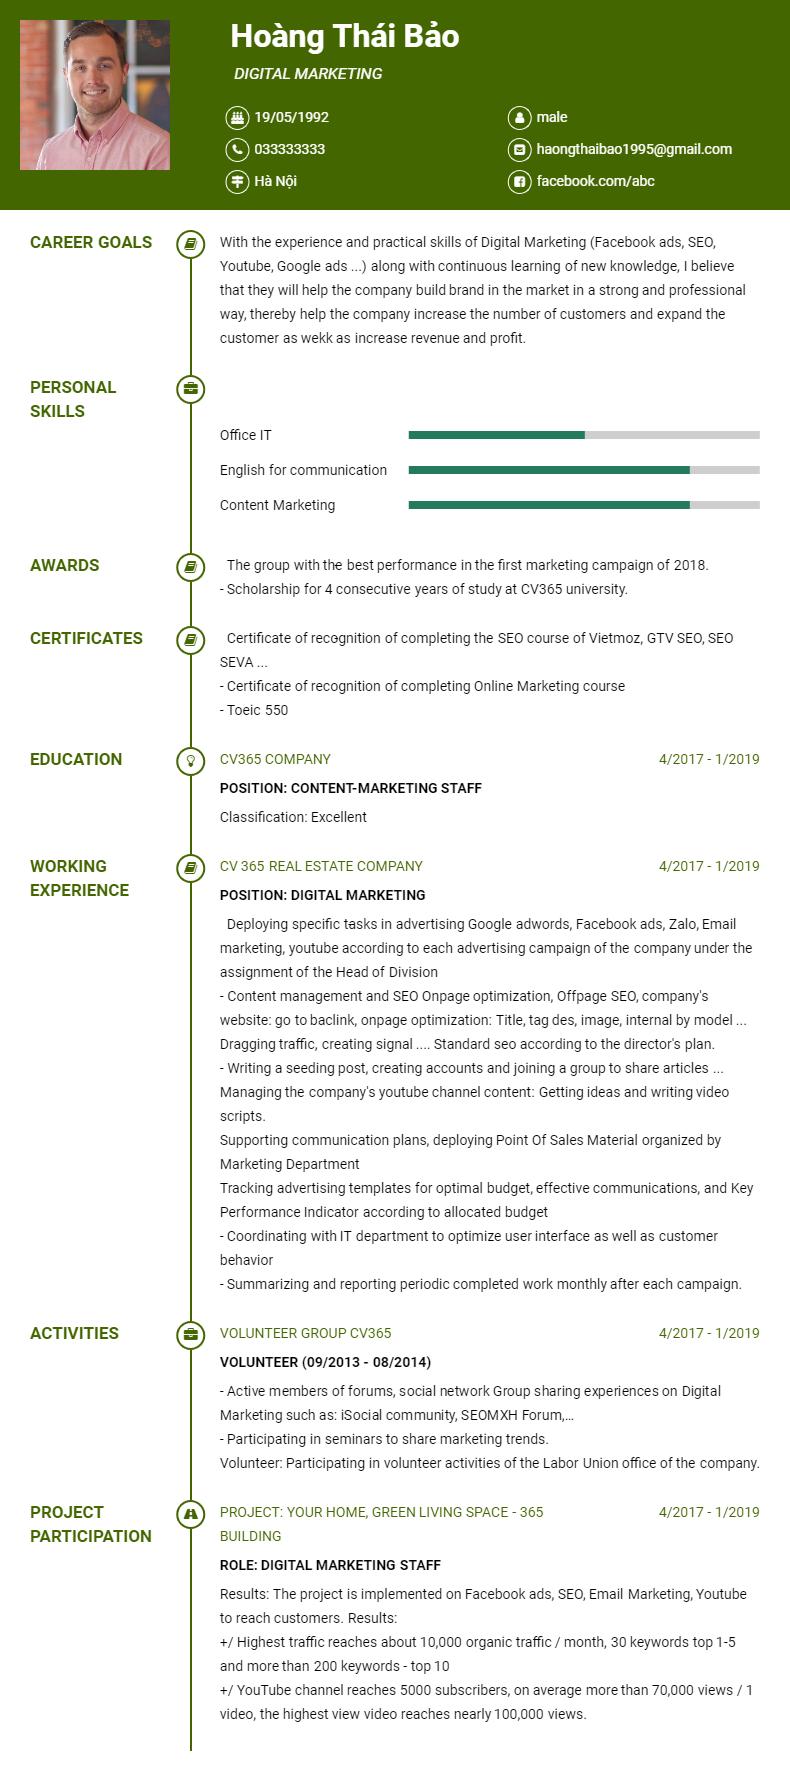 Viết và tải mẫu CV tiếng Anh uy tín và đạt chất lượng ở đâu?